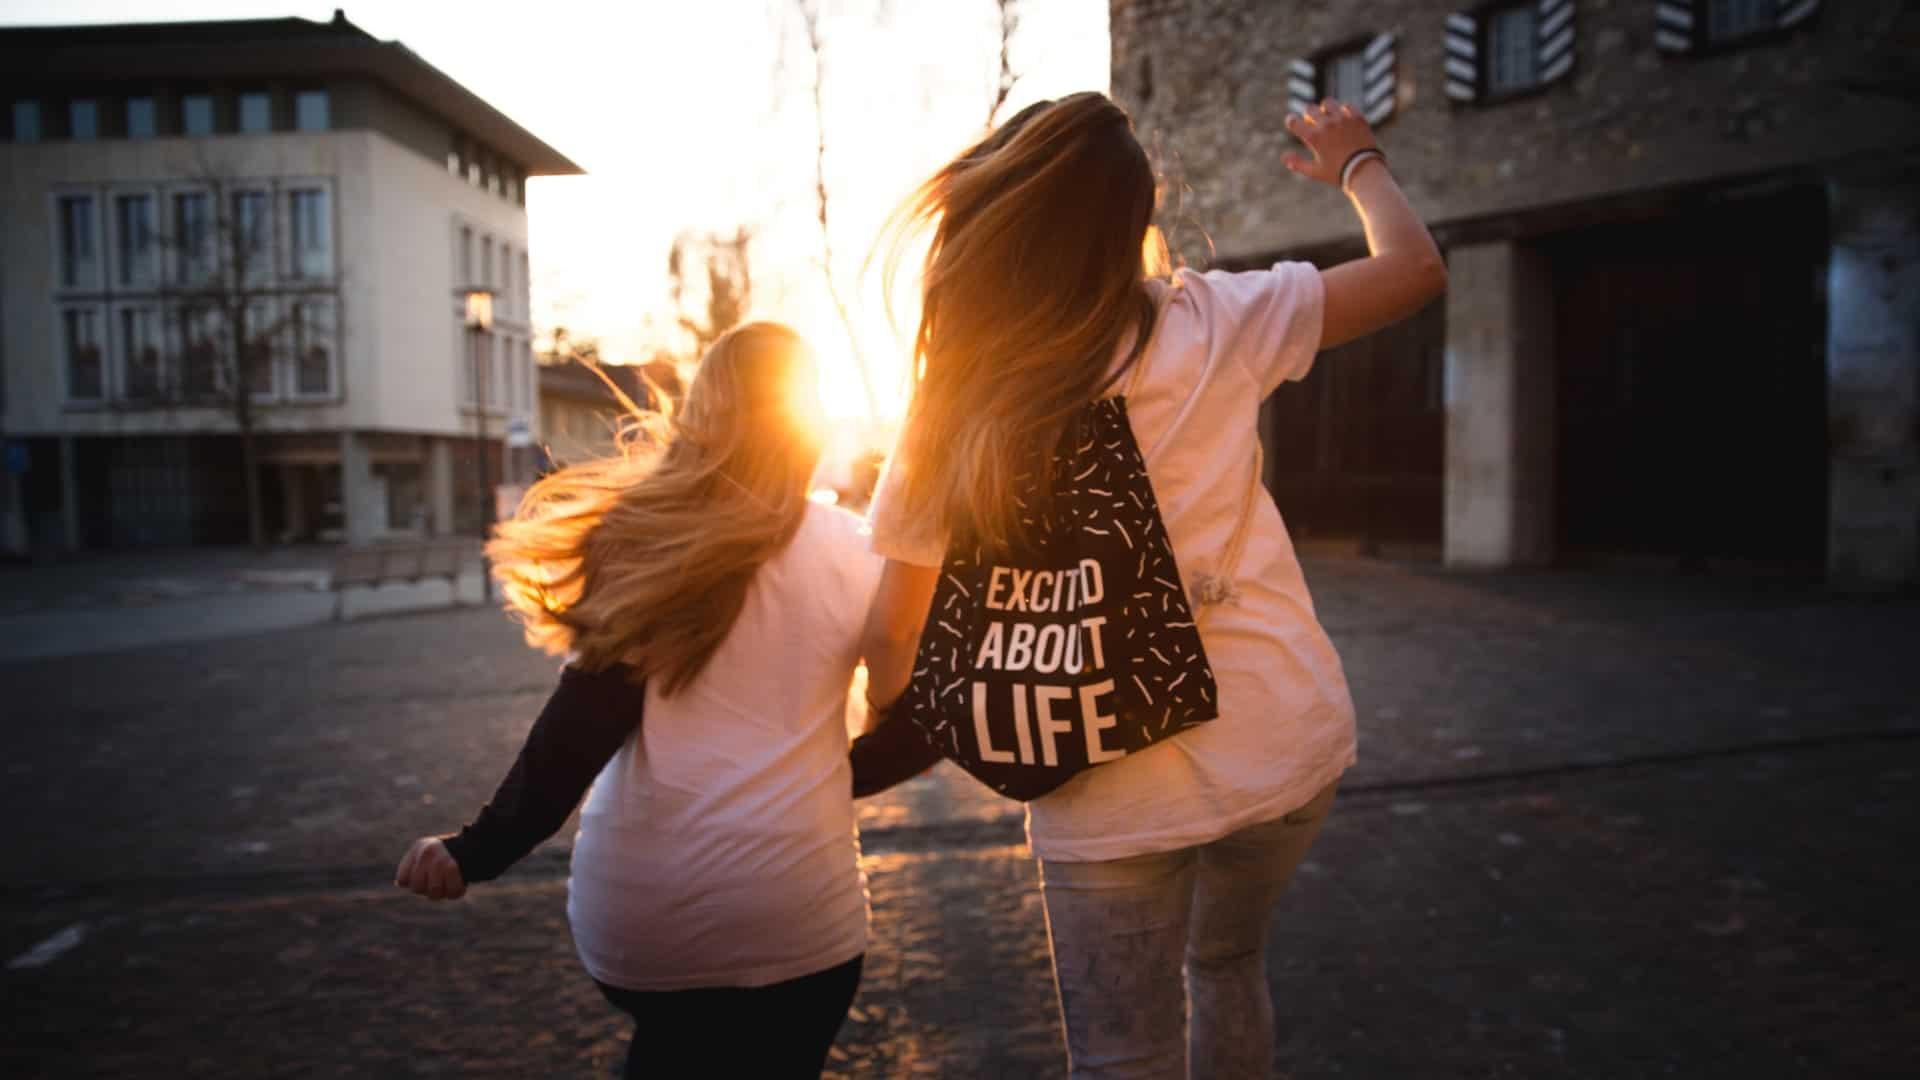 2 women walking across a road